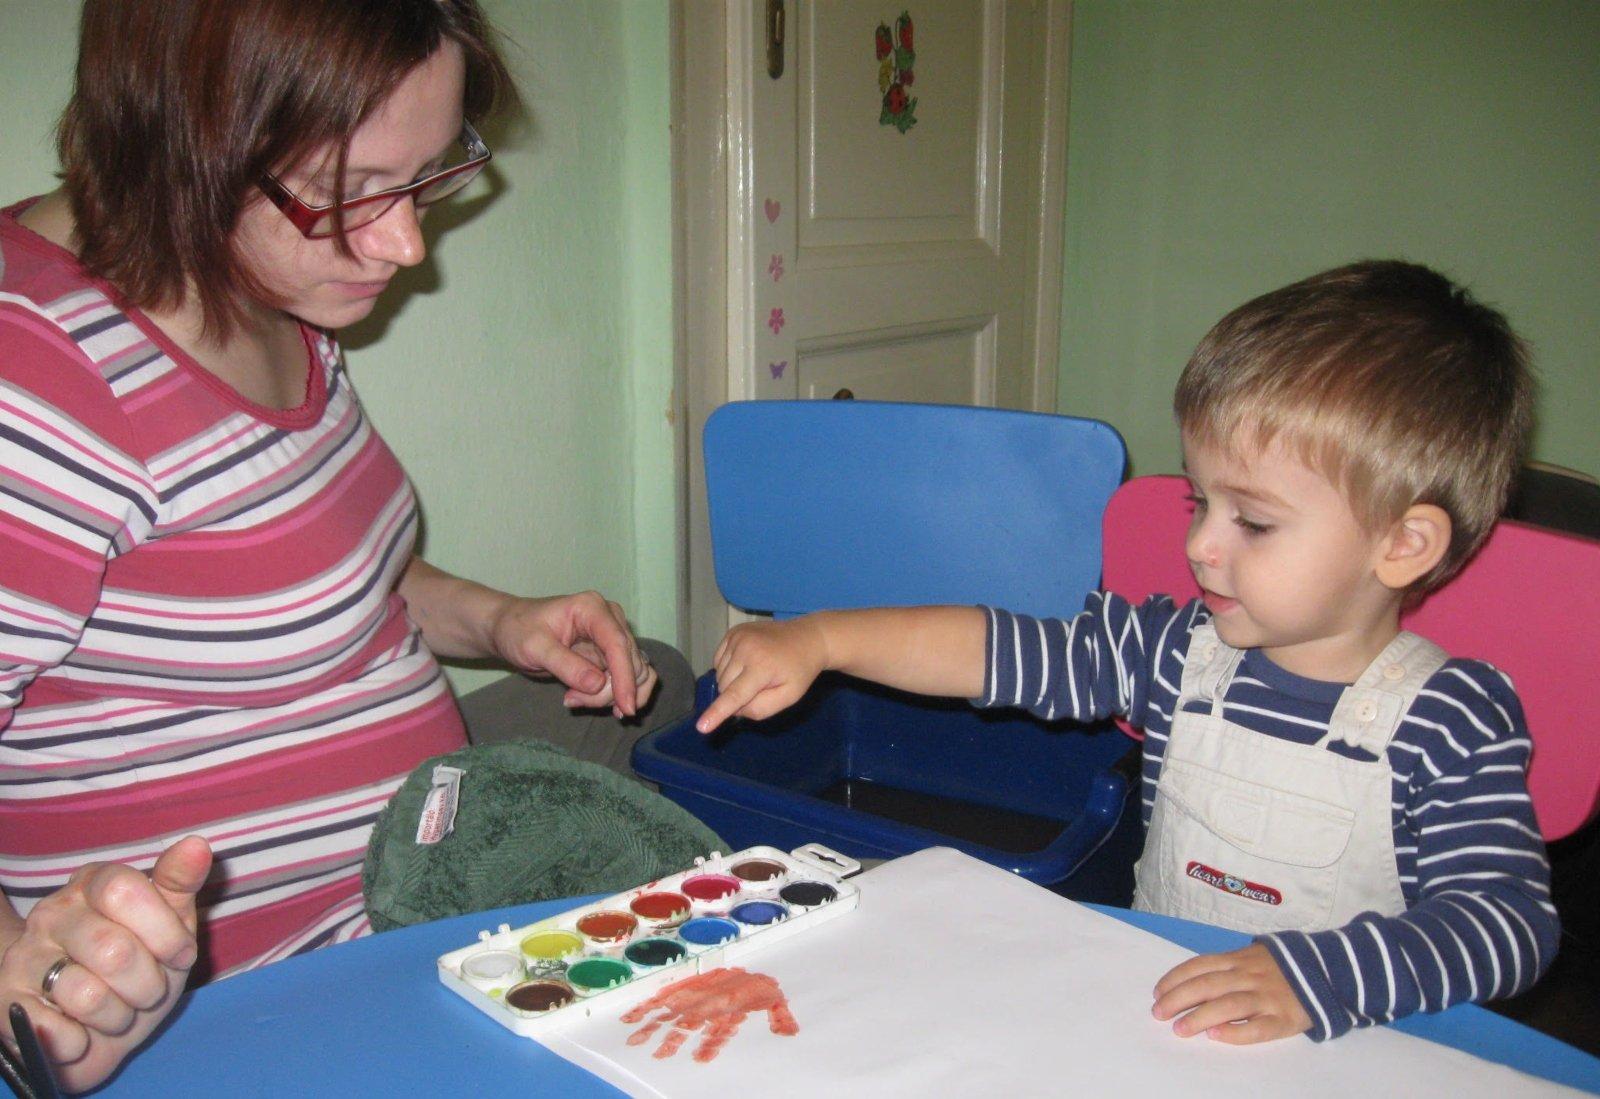 babapihenő, bölcsi, anyavállalat, négygyermekes anya, gyereknevelés, Gáspár Zsuzsi